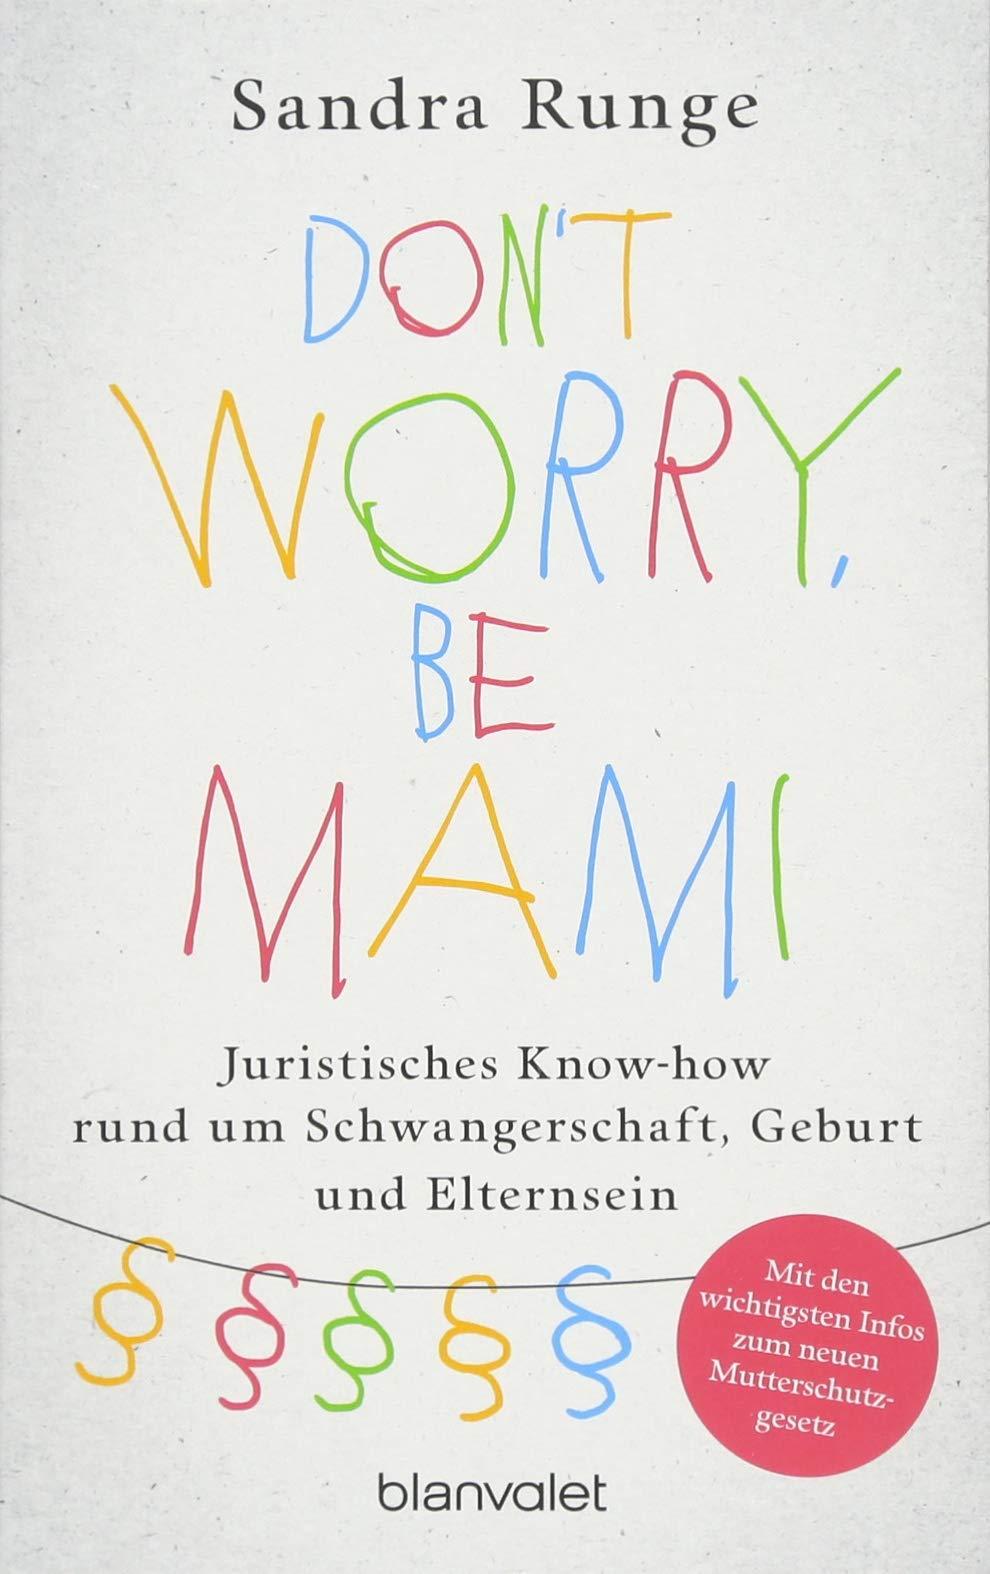 Don't worry, be Mami: Juristisches Know-how rund um Schwangerschaft, Geburt  und Elternsein: Amazon.de: Sandra Runge: Bücher